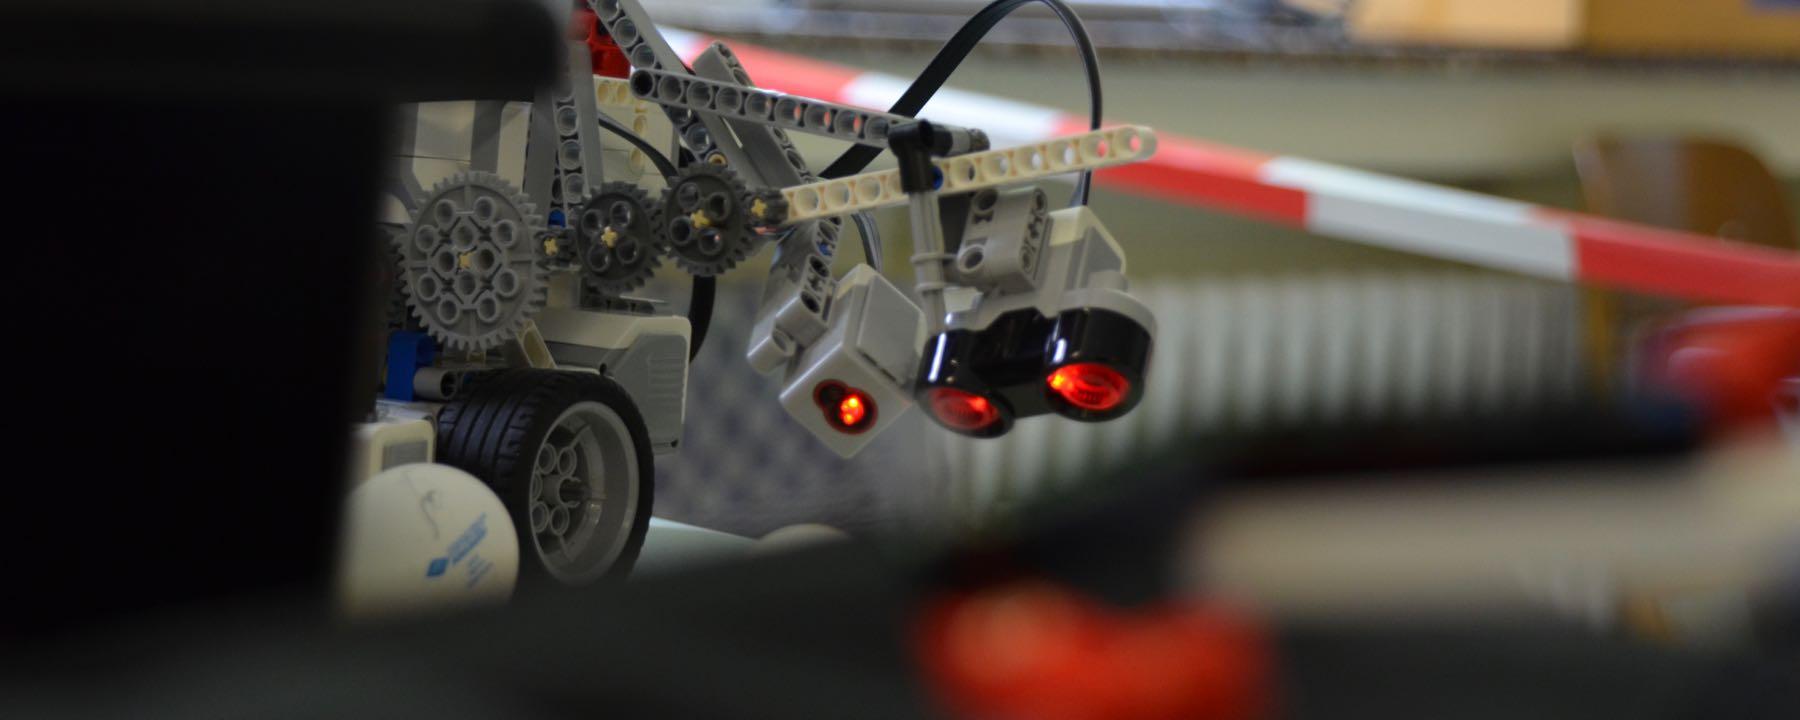 GAG-Robotiker Sieger Der Herzen Beim InTech-Cup 2016